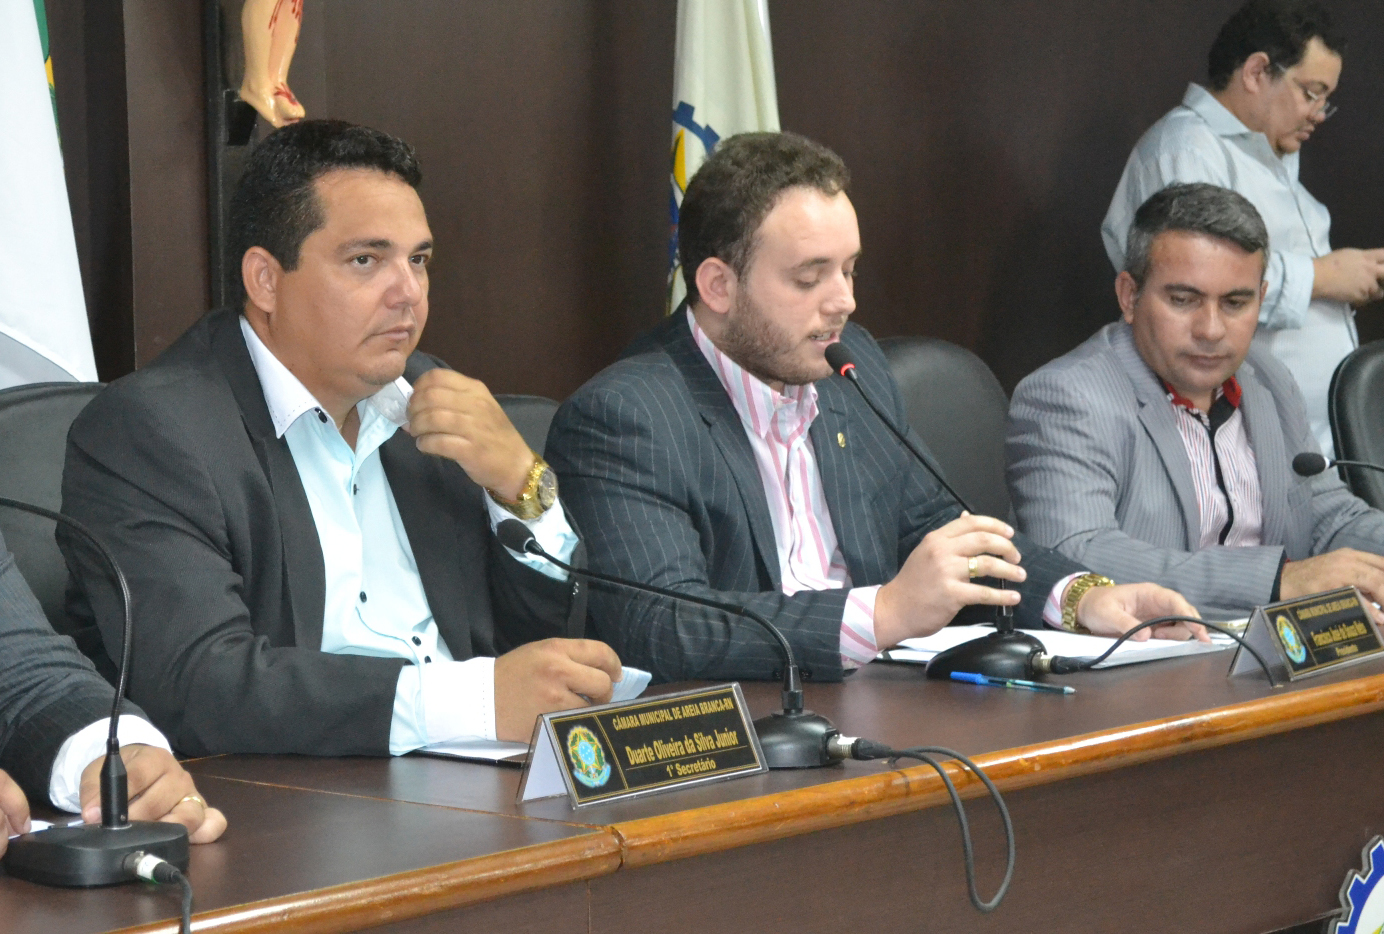 """Duarte Júnior (1º secretáiro), """"Netinho Cunha"""" (presidente) e """"Tonho da Cohab"""" (2º secretário) comandam os trabalhos da Casa (Foto: Erivan Silva)"""